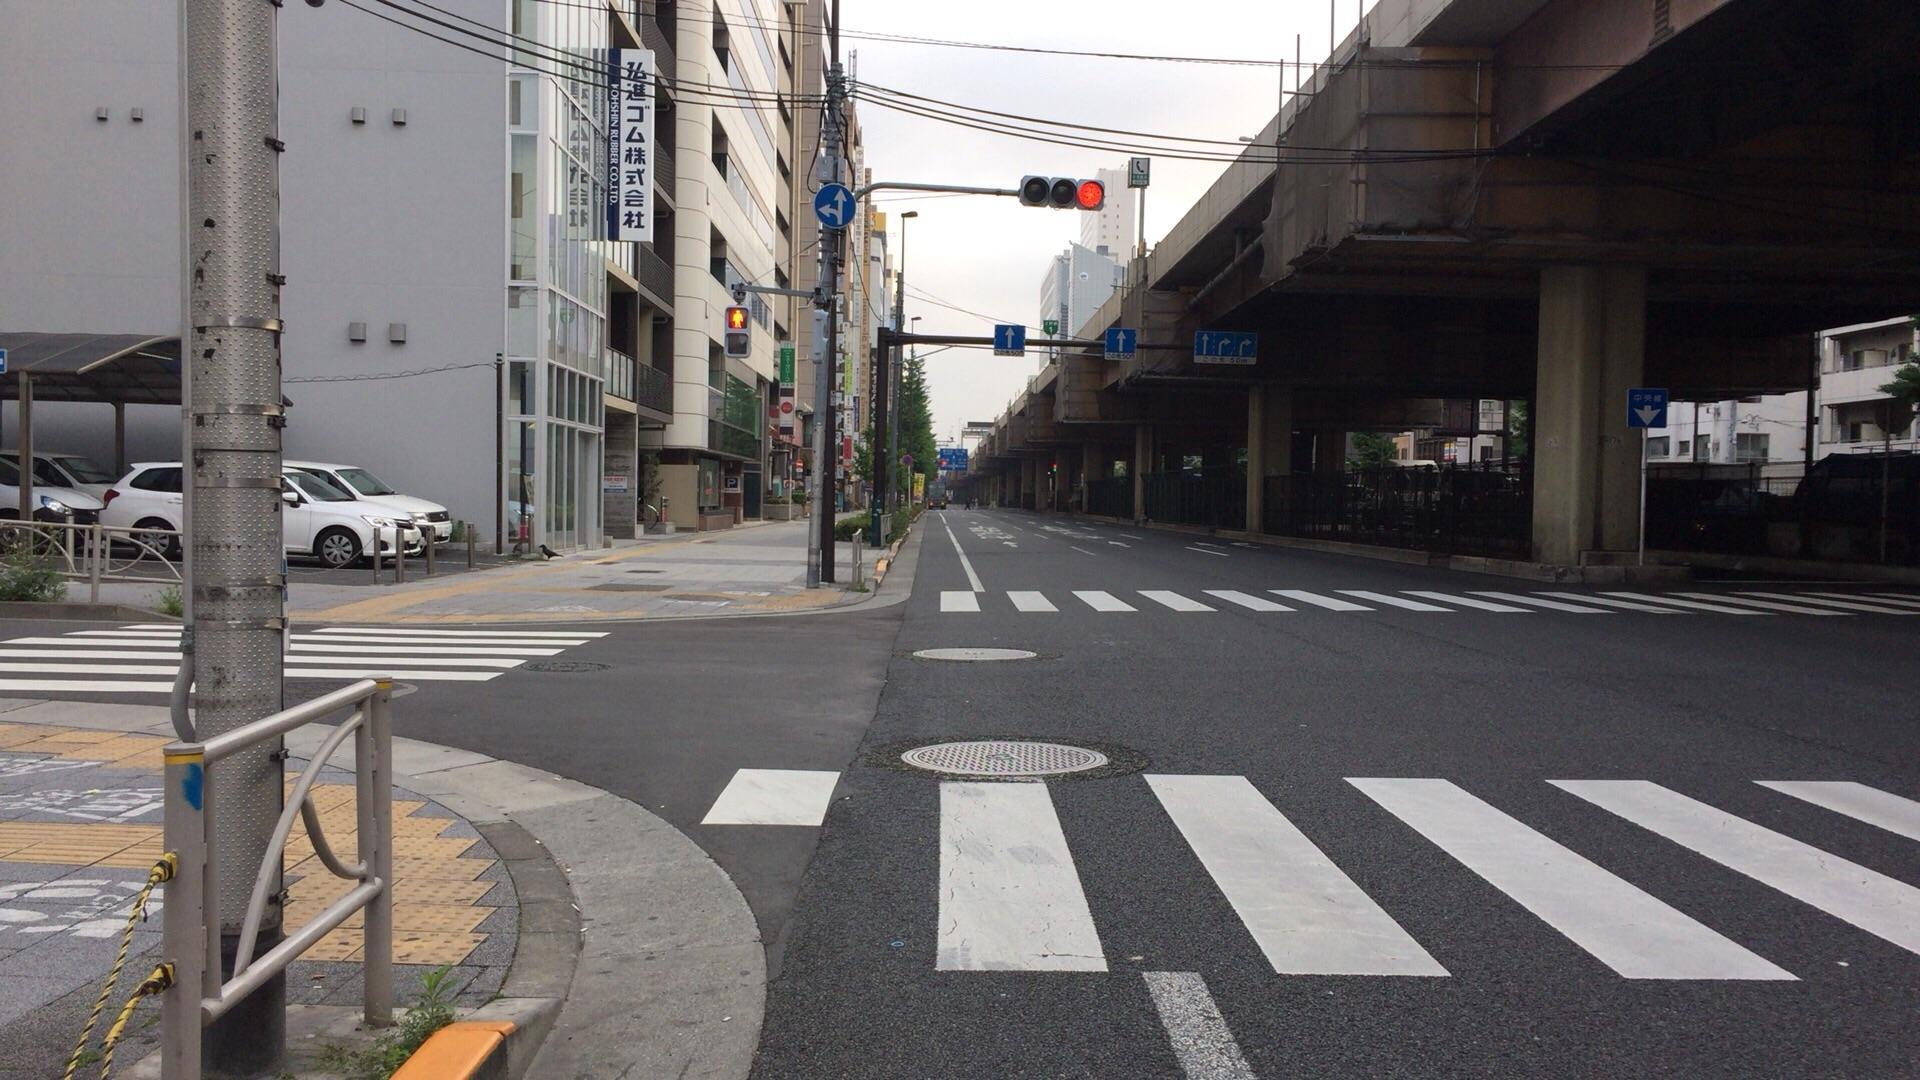 f:id:mfj_maap_jp:20170512182726j:image